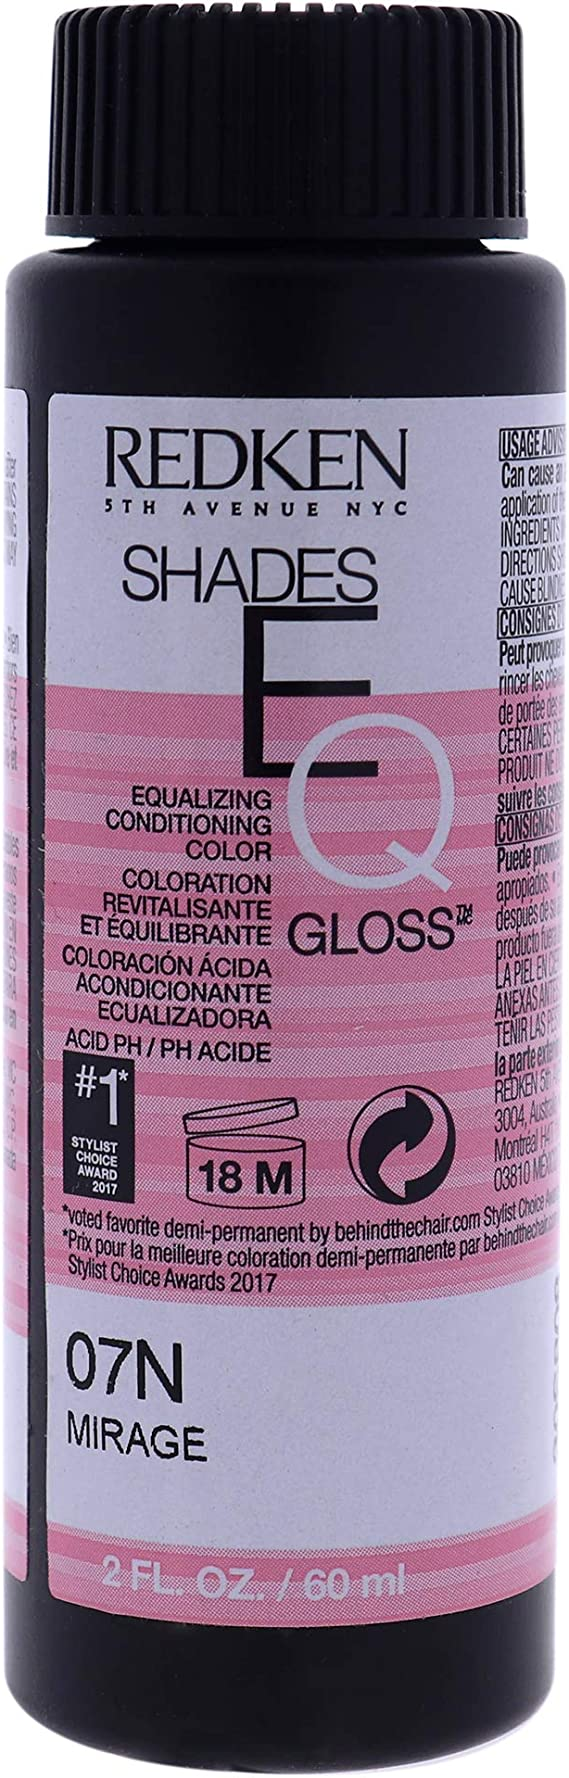 Redken Shades EQ Hair Gloss 07 N 60 ml